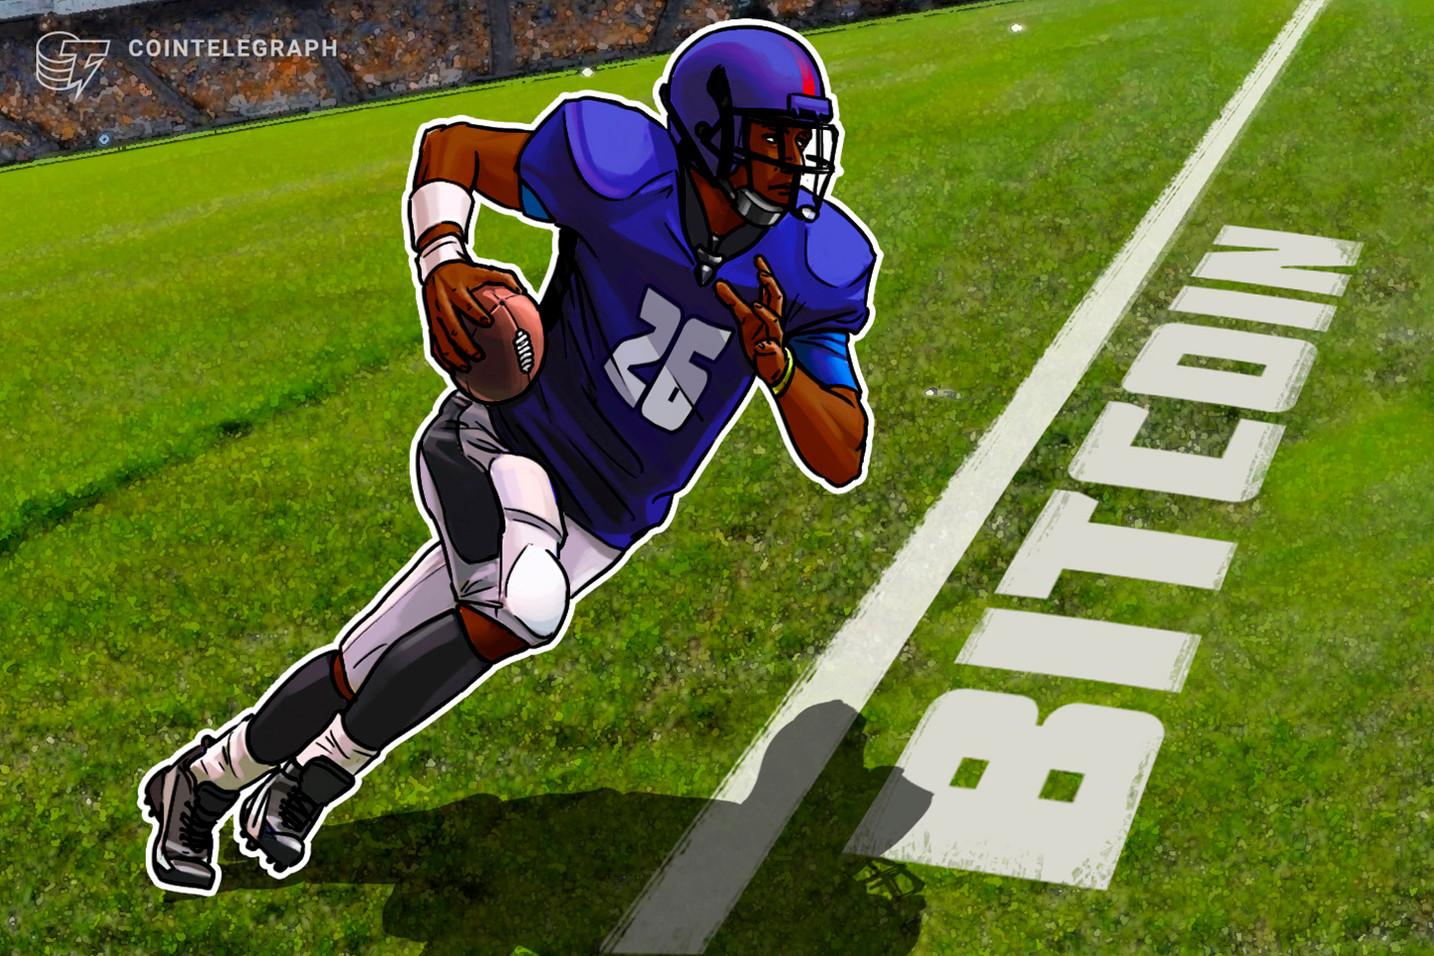 Ο Saquon Barkley της NFL μετατρέπει τις εγκρίσεις σε BTC για τη δημιουργία «γενετικού πλούτου»